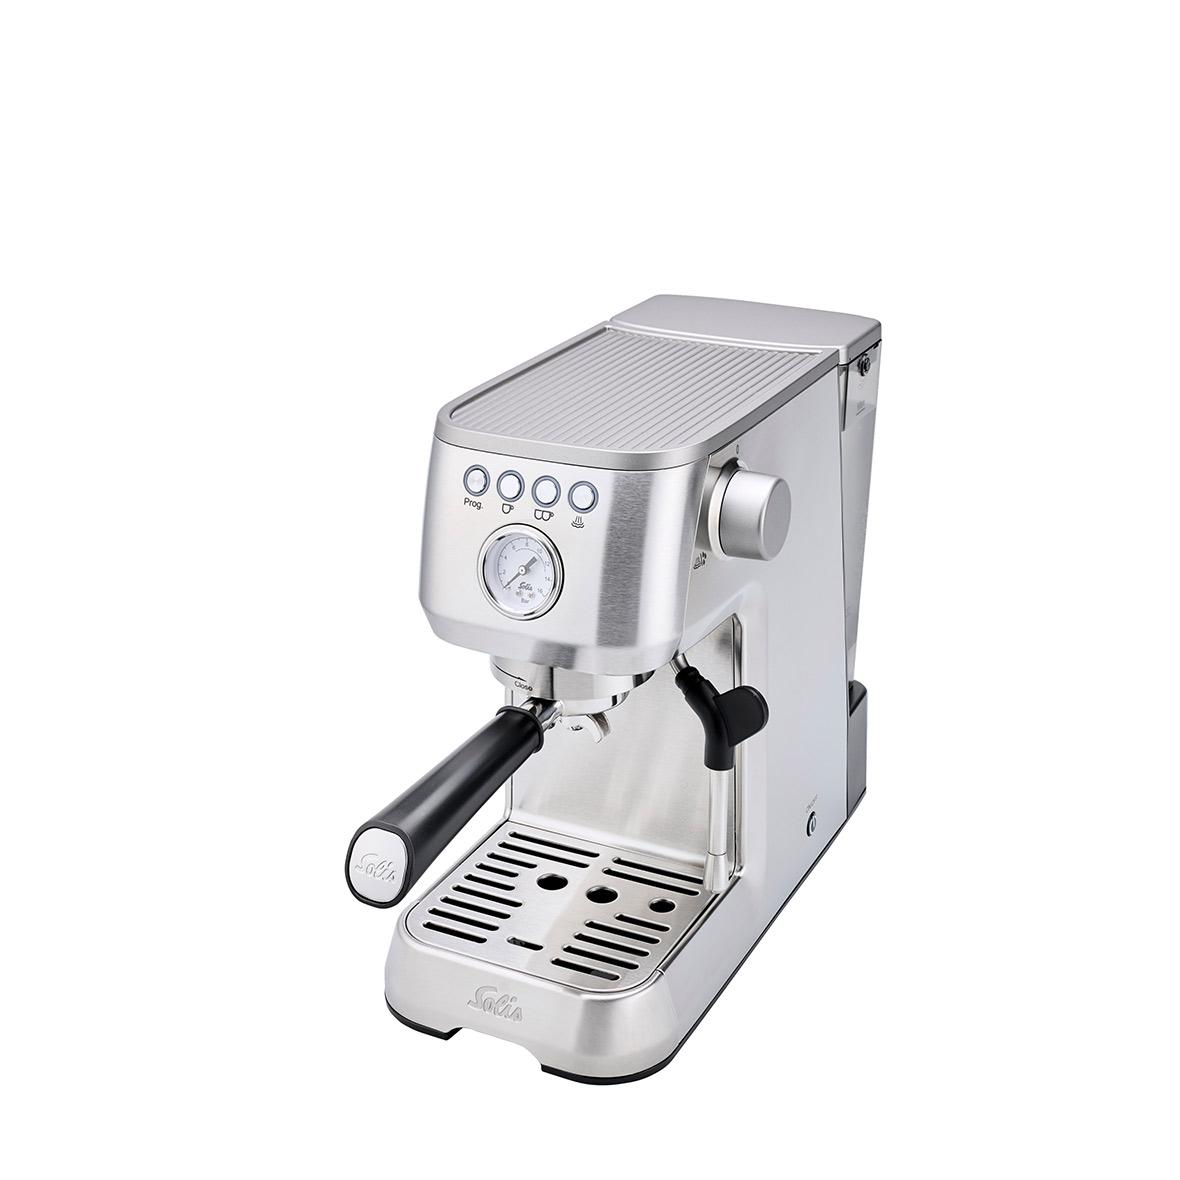 kaffeemaschine barista perfetta plus vorderseite solis